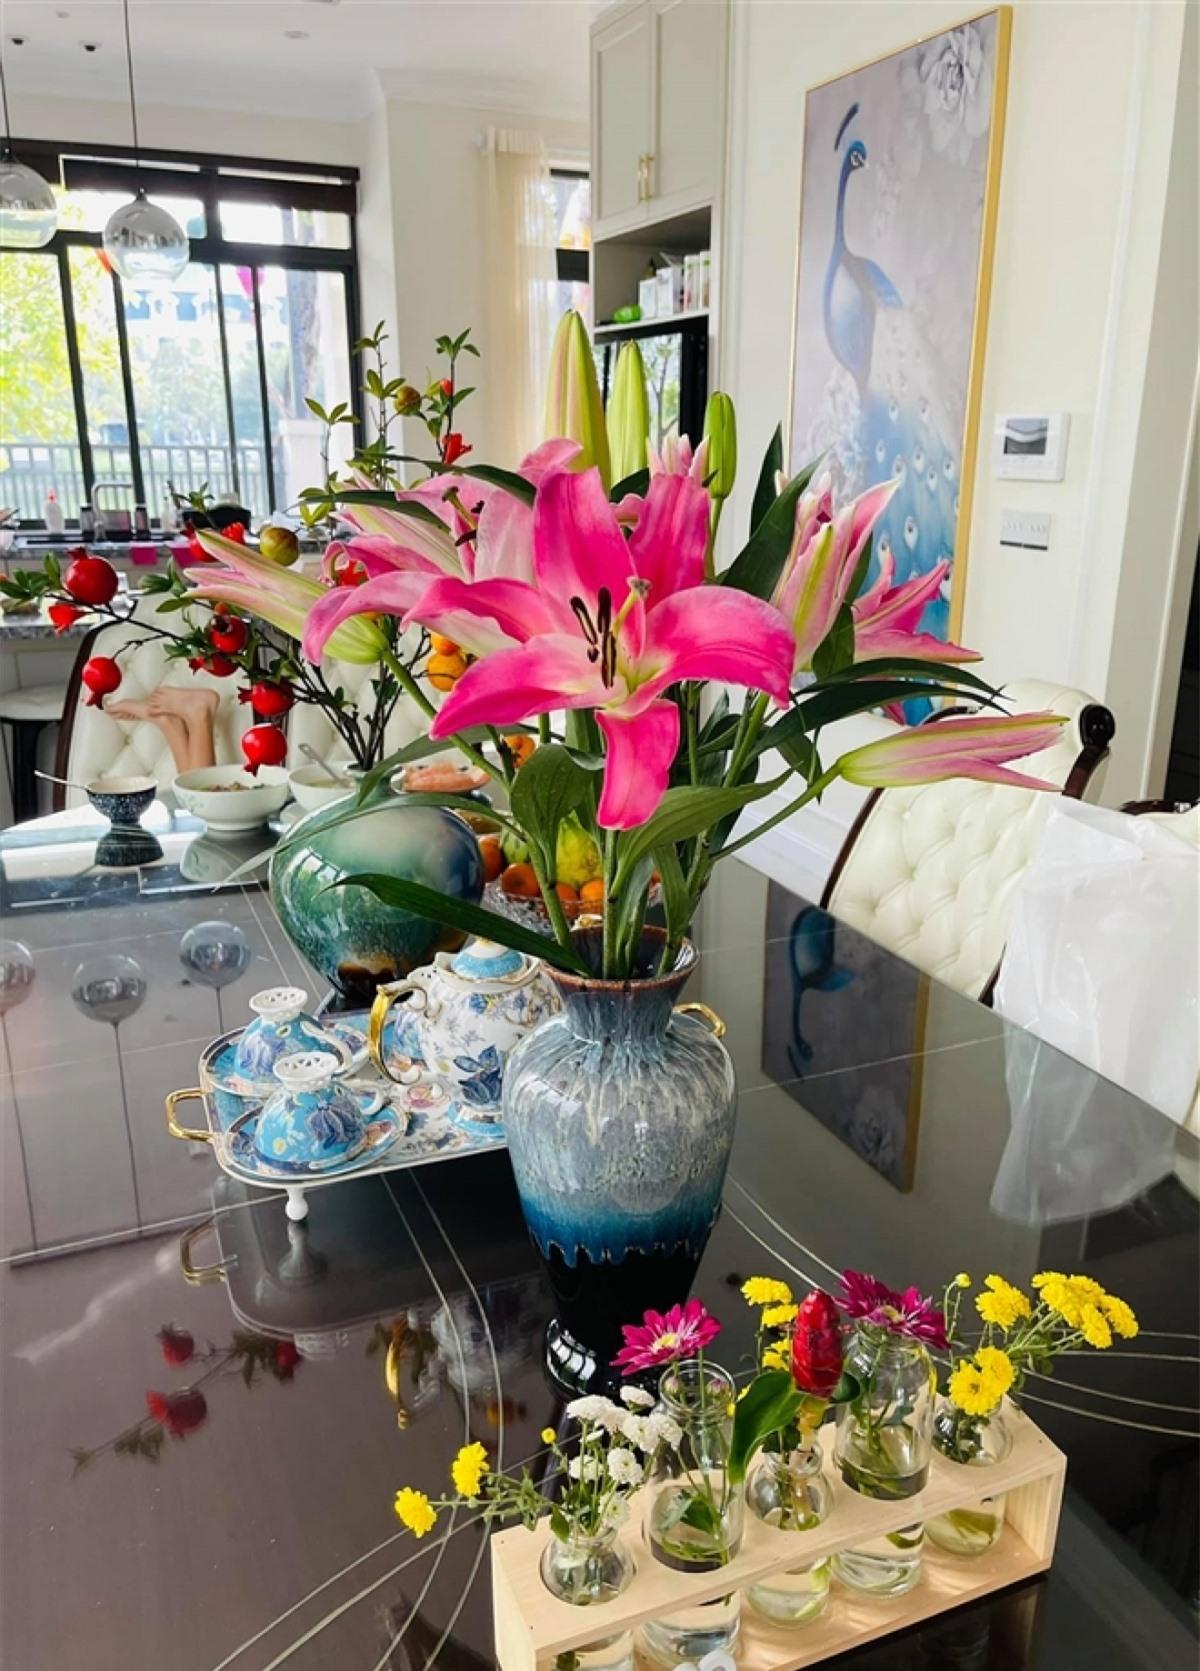 Mỗi ngày, MC đều trang trí nhà mình bằng hoa tươi để làm mới cuộc sống.